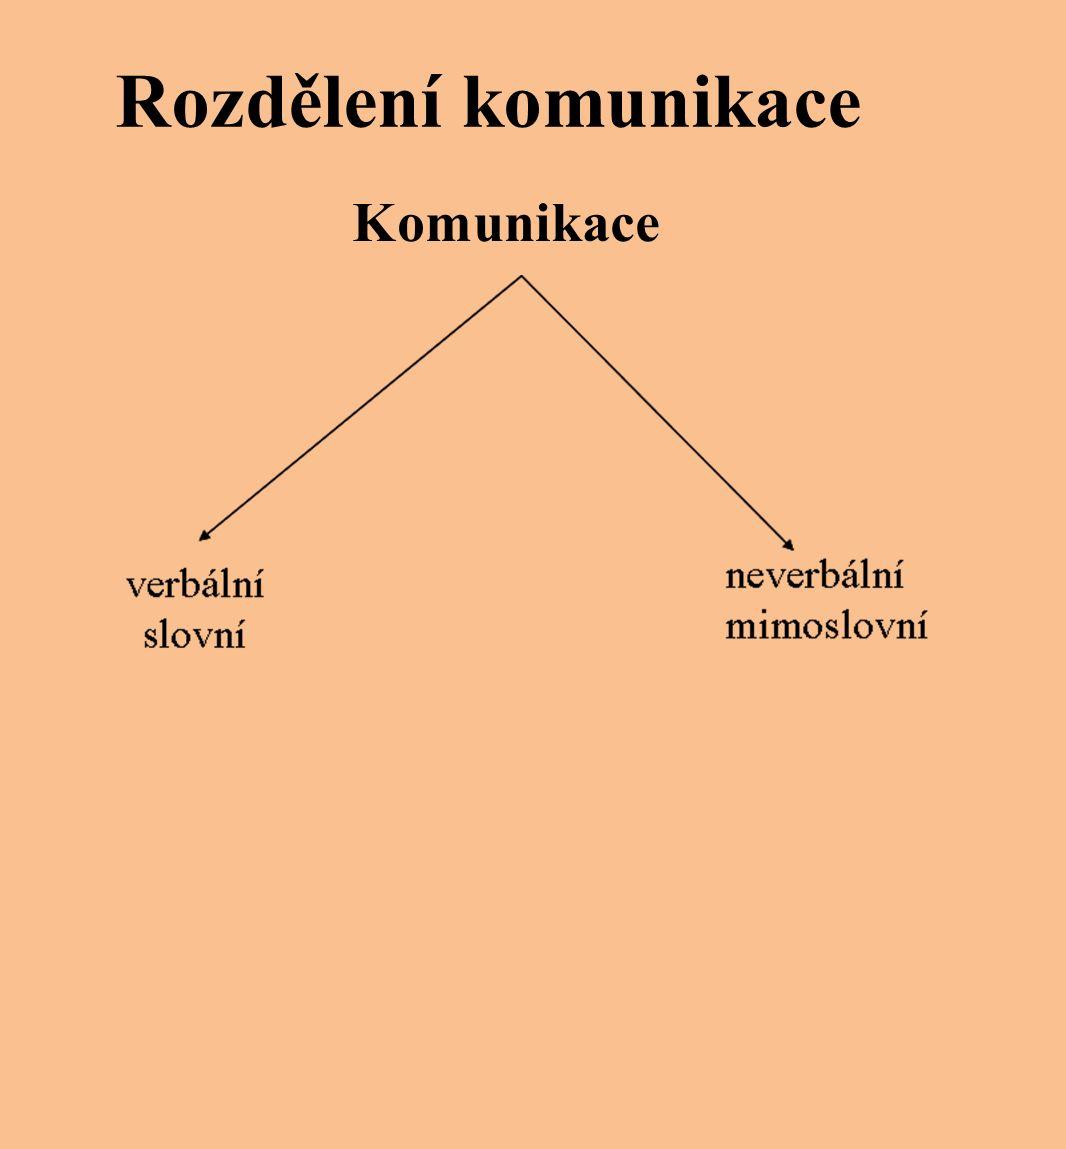 Neverbální komunikace je, zjednodušeně řečeno, komunikace beze slov jako komunikační prostředky používají lidé své přirozené orgány nebo organismus jako celek neverbálními prostředky jsou sdělovány především významy názorné, smyslově vnímatelné